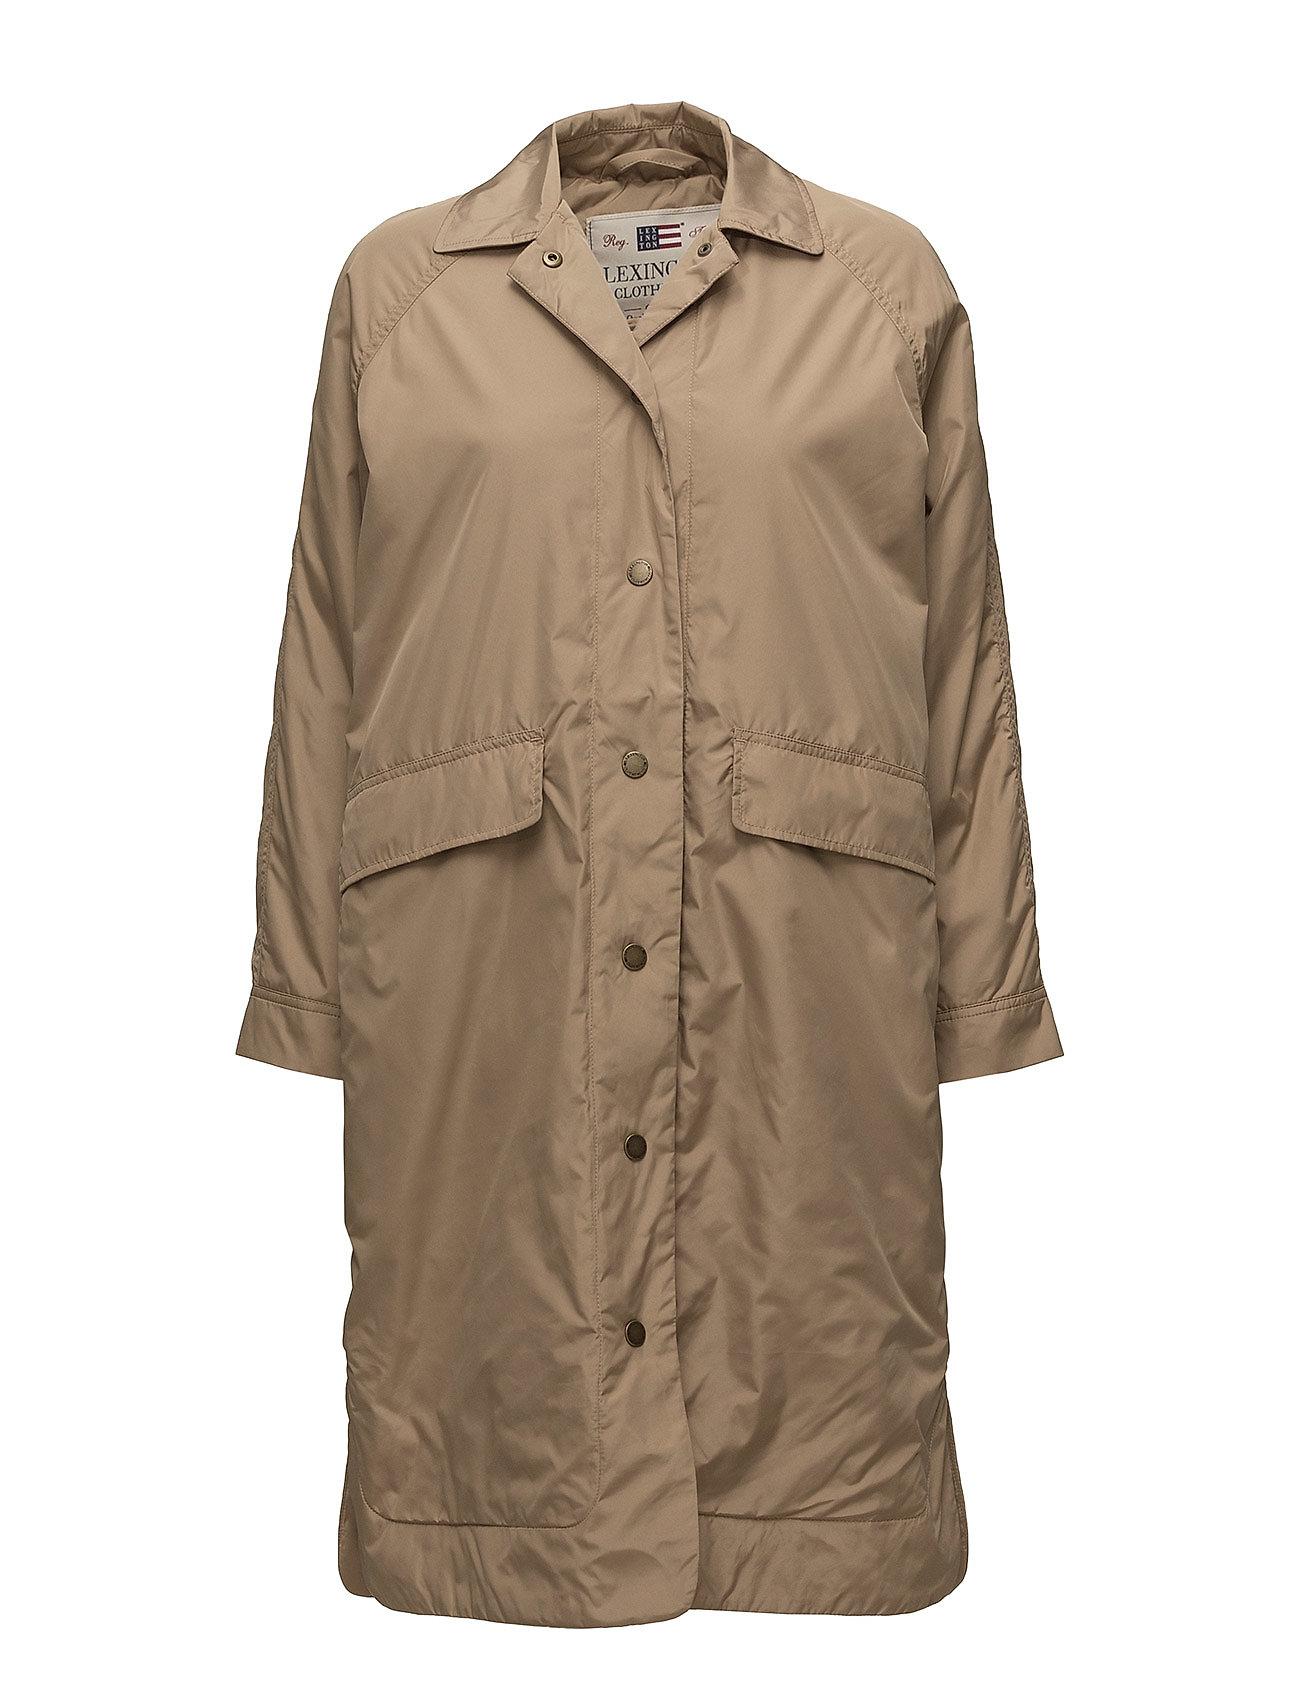 Lexington Clothing Rowan Car Coat